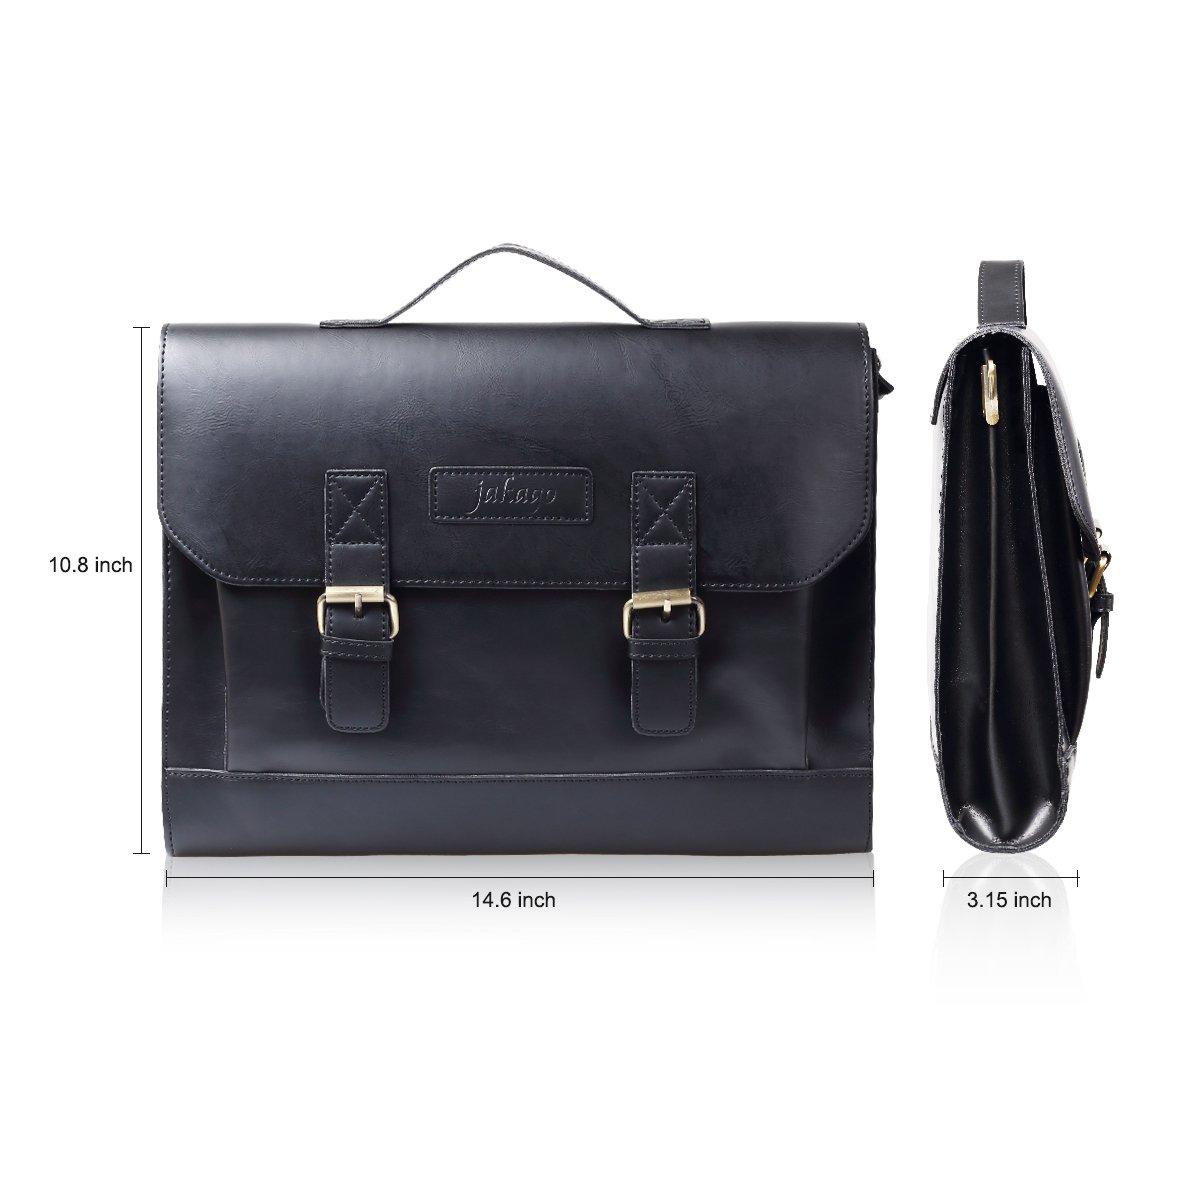 JAKAGO 14.6 Inch Vintage PU Leather Briefcase Laptop Shoulder Messenger Bag Tote School Distressed Bag for Women and Men by JAKAGO (Image #3)